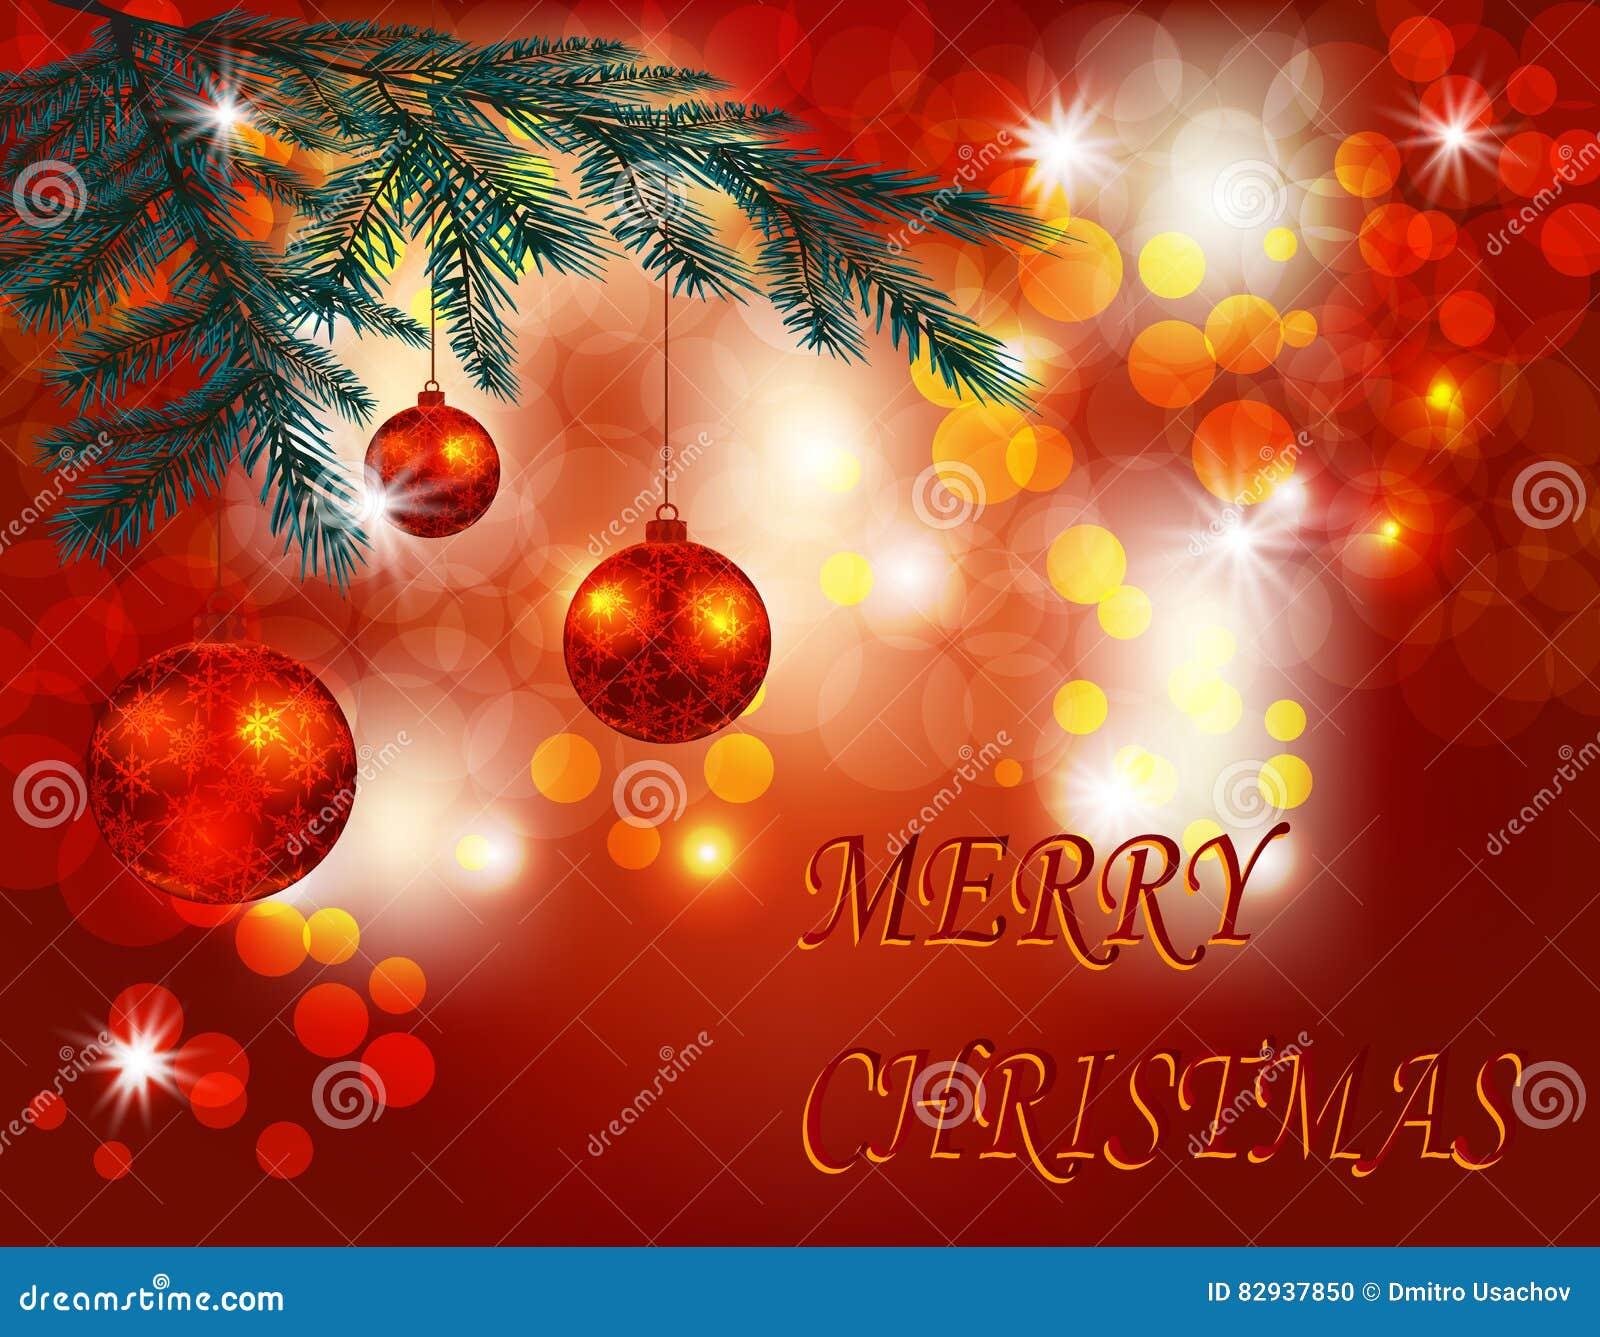 Weihnachten Grüße Bilder.Weihnachten Gruß Des Neuen Jahres Drei Glänzende Rote Bälle Auf